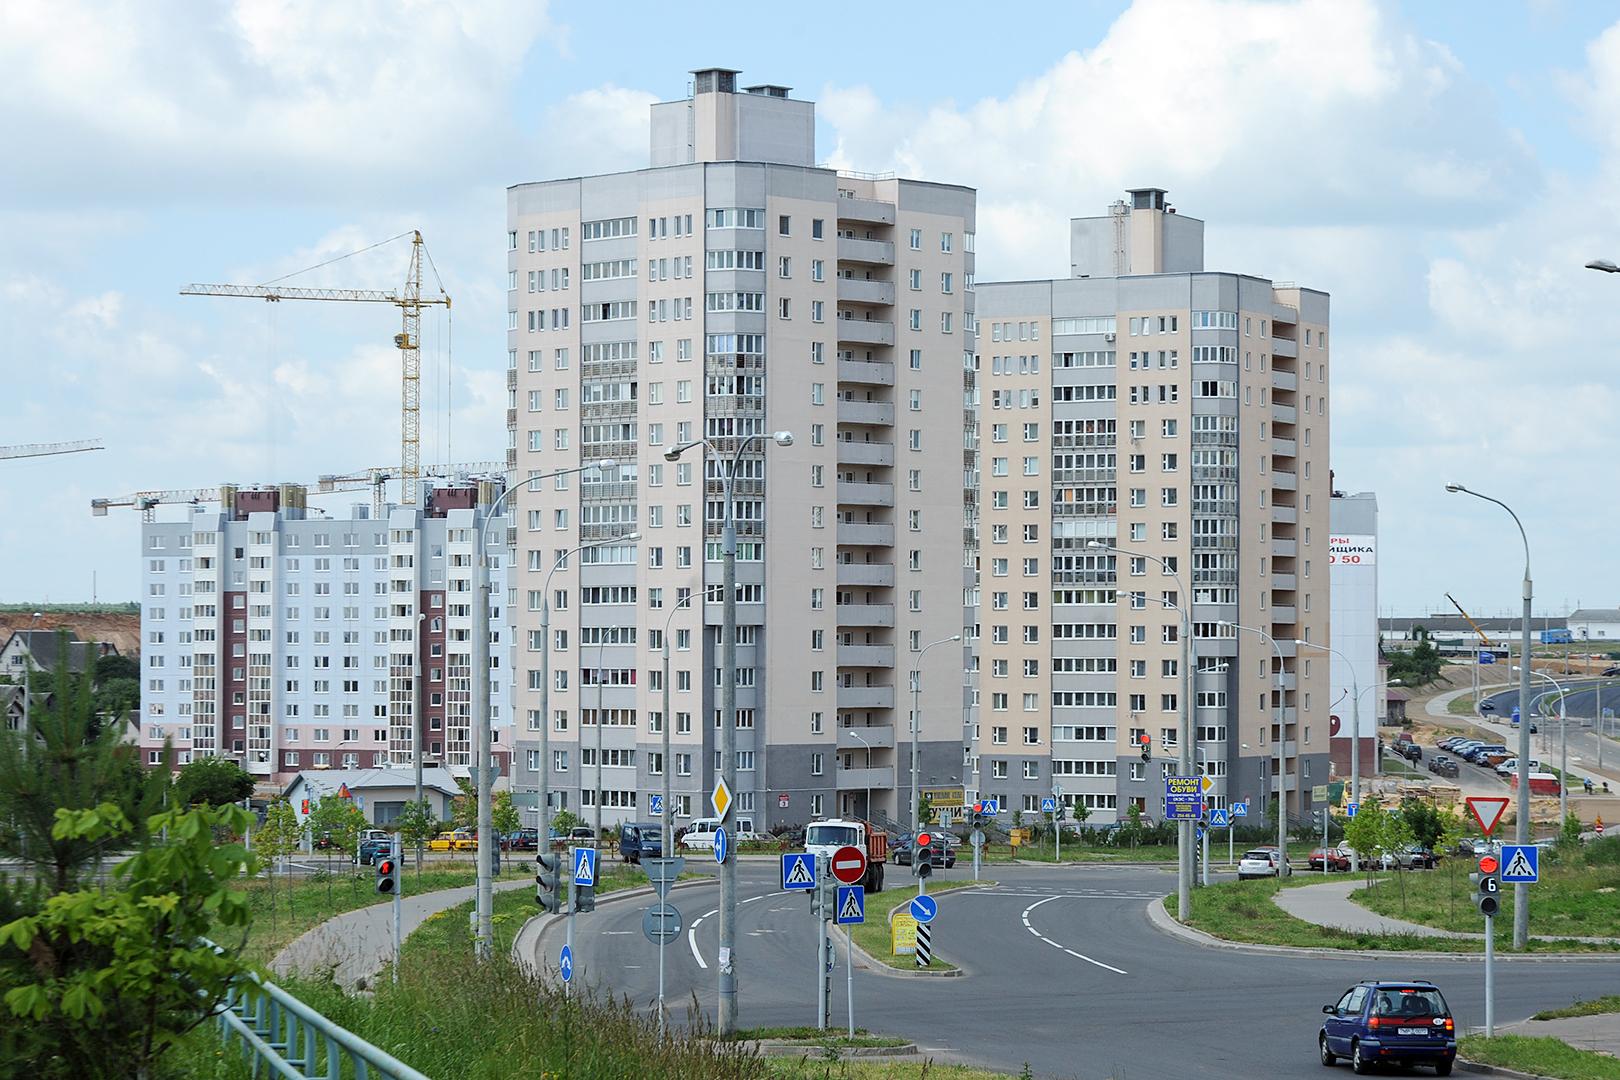 На начало июня в Минске не было приватизировано от 15 до 20 тысяч квартир.